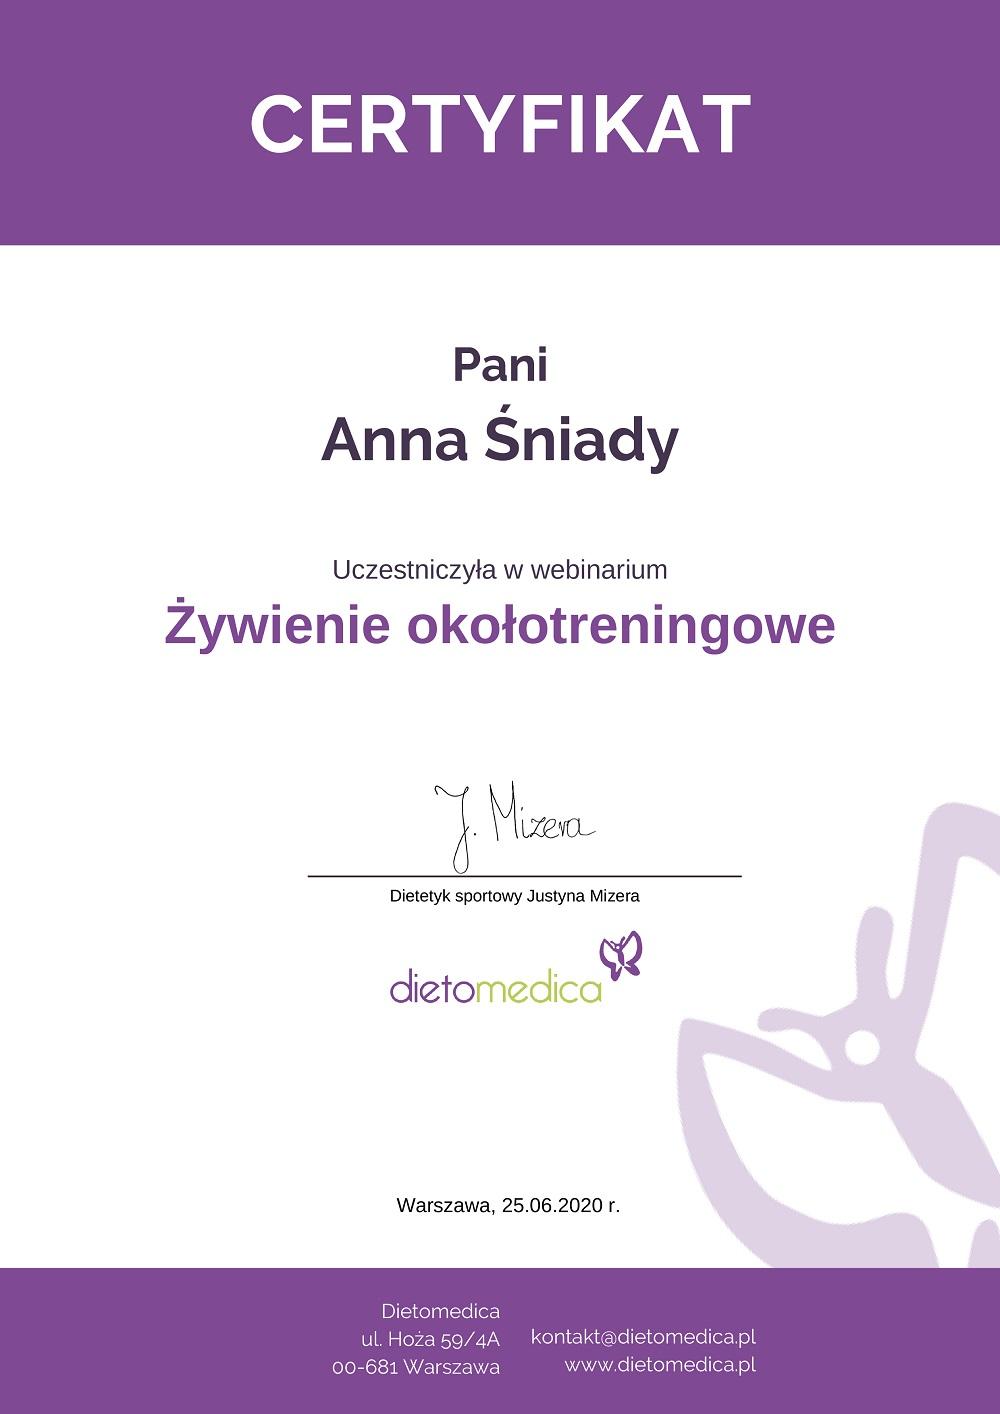 anna_sniady-(5)